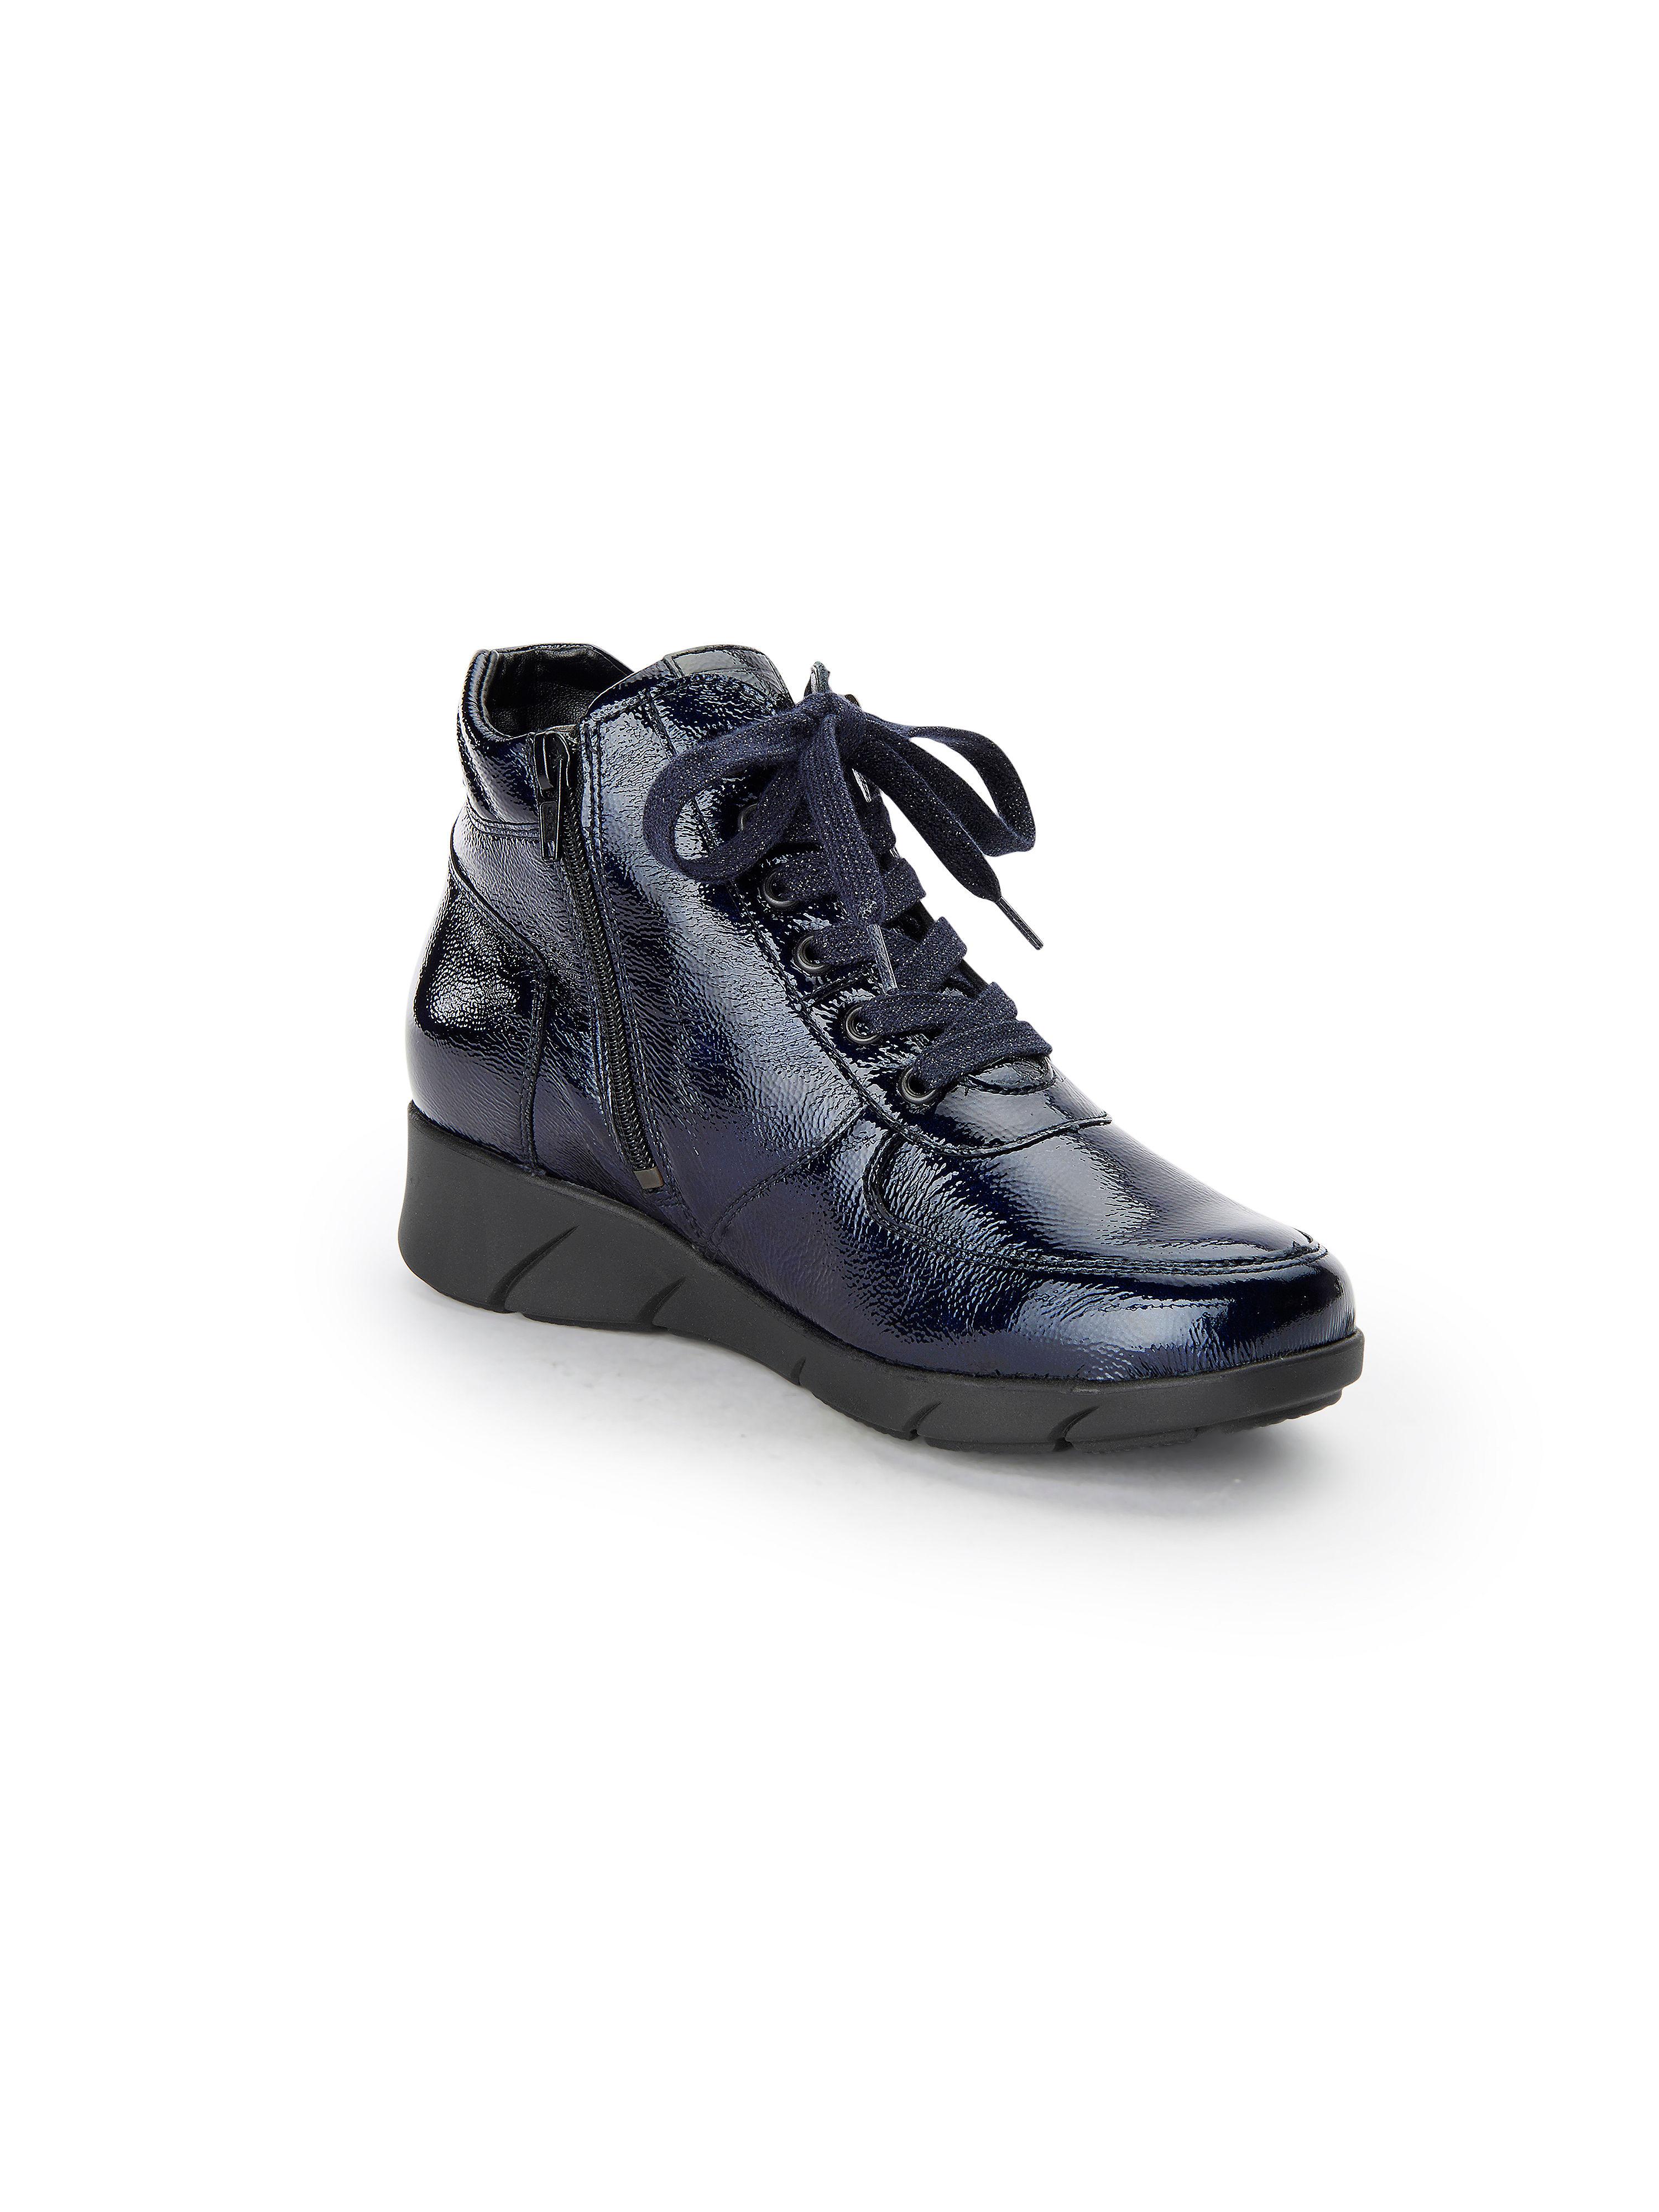 Waldläufer - Schnür-Stiefelette Kaina aus 100% Leder - Marine Gute Qualität beliebte Schuhe